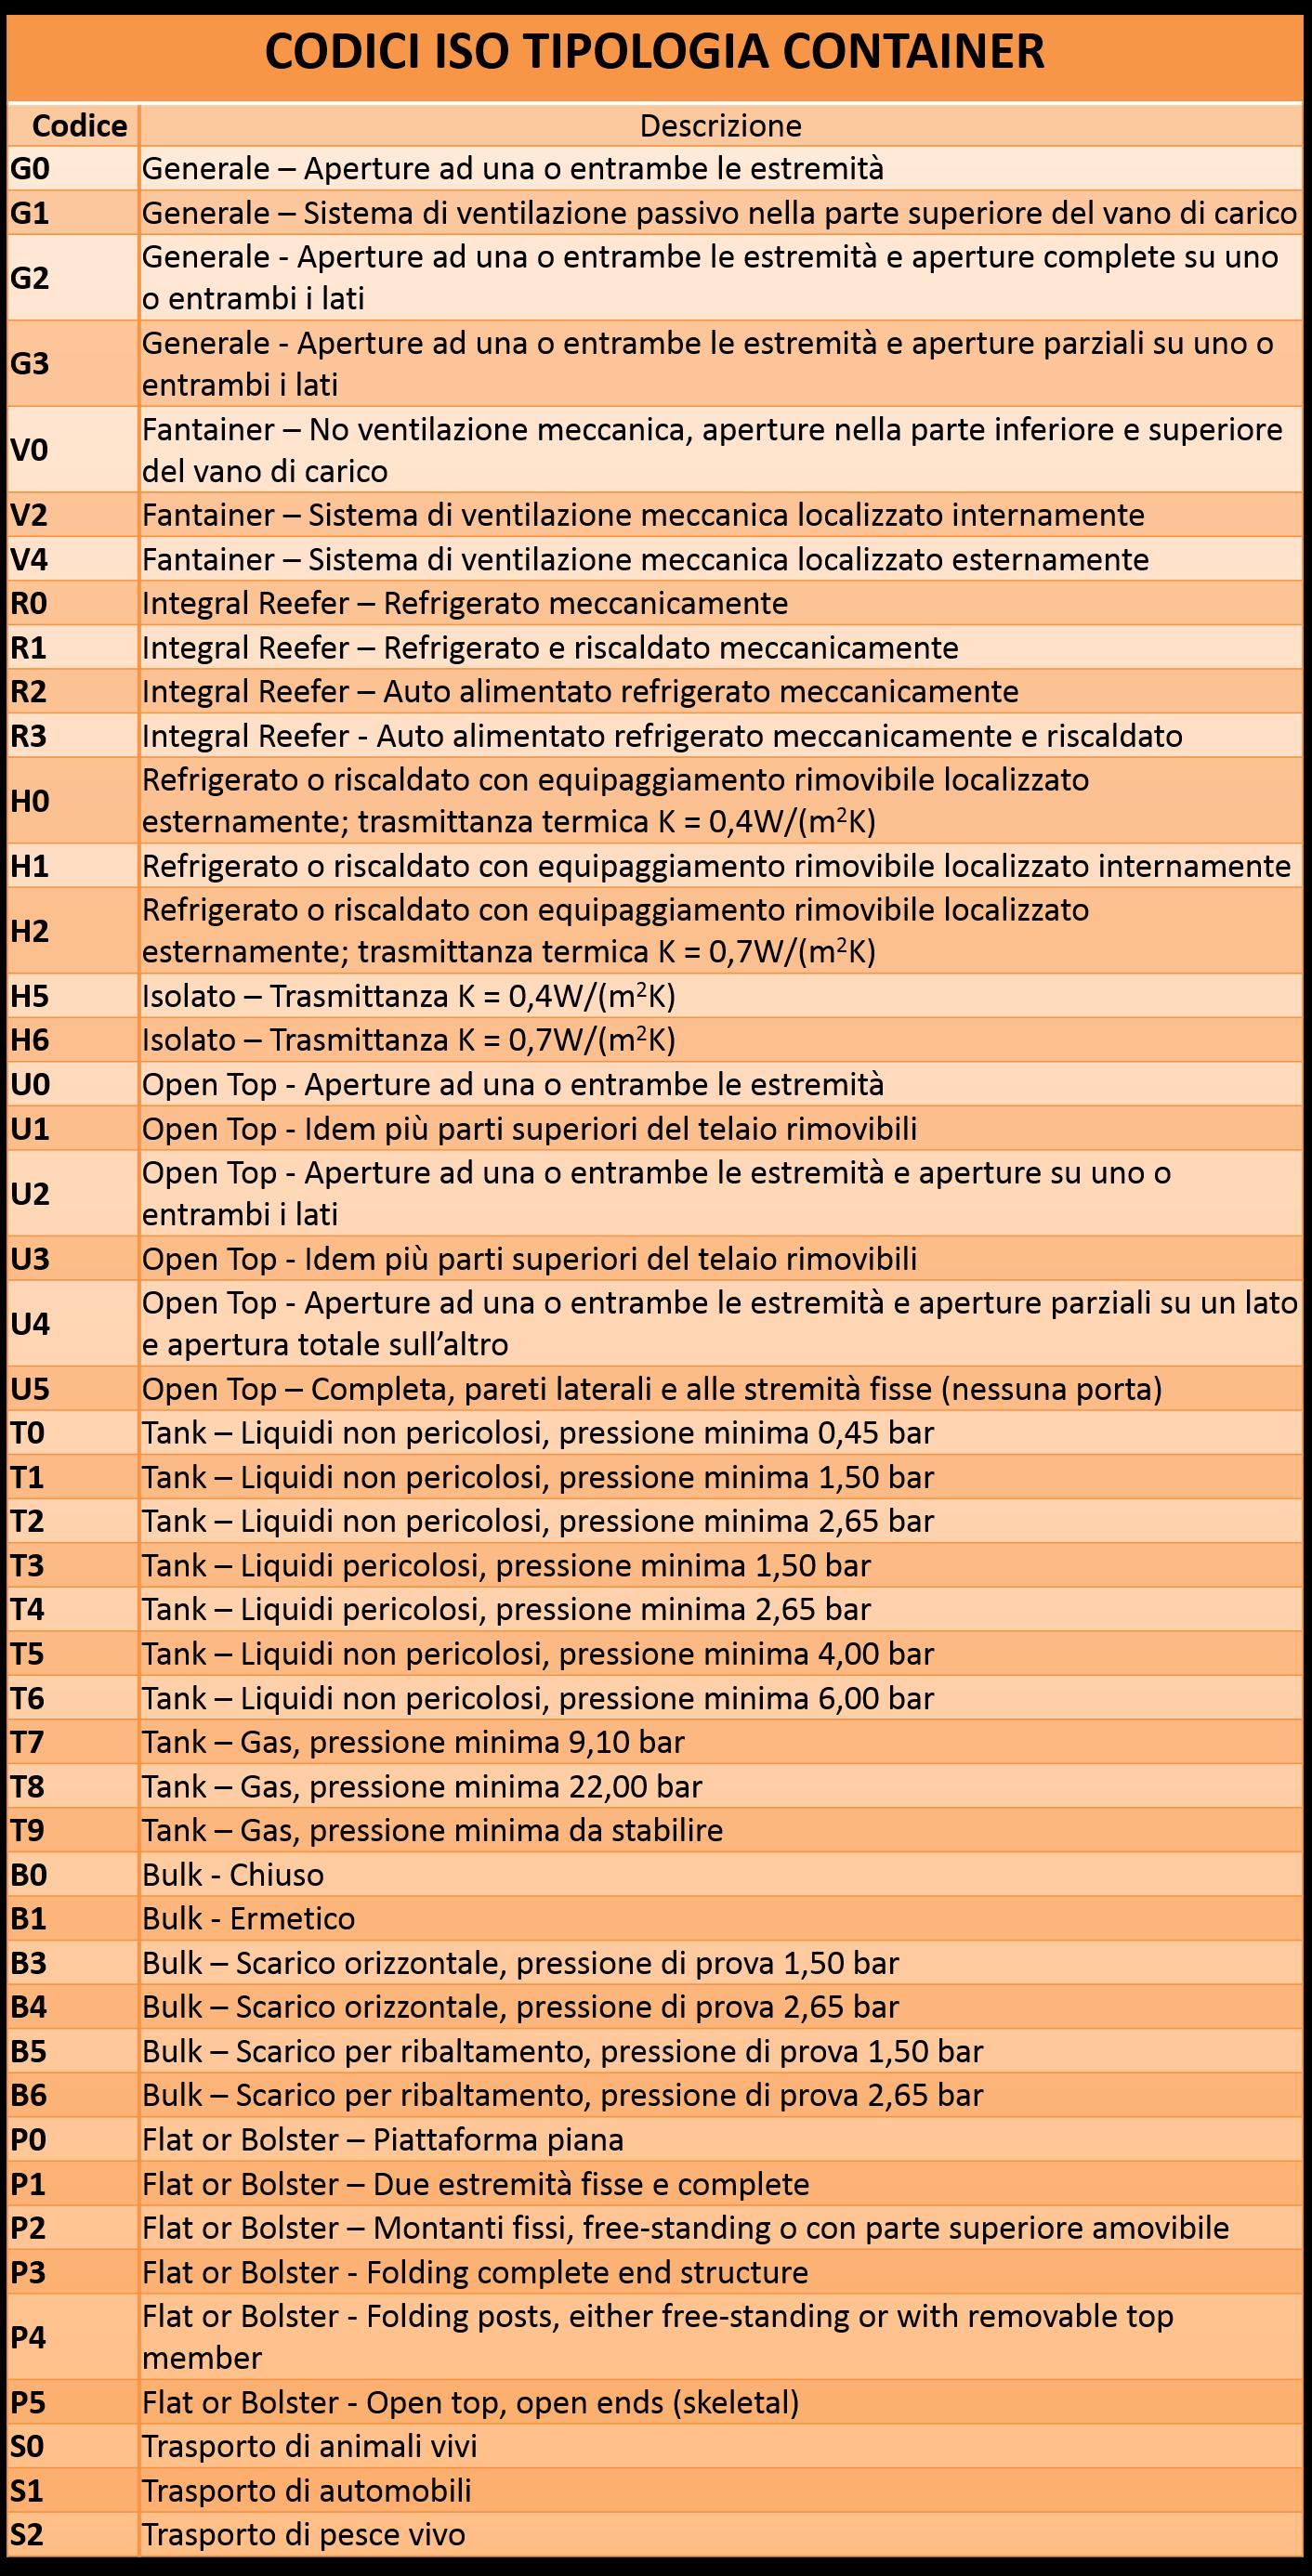 Codici ISO per i vari tipi di container